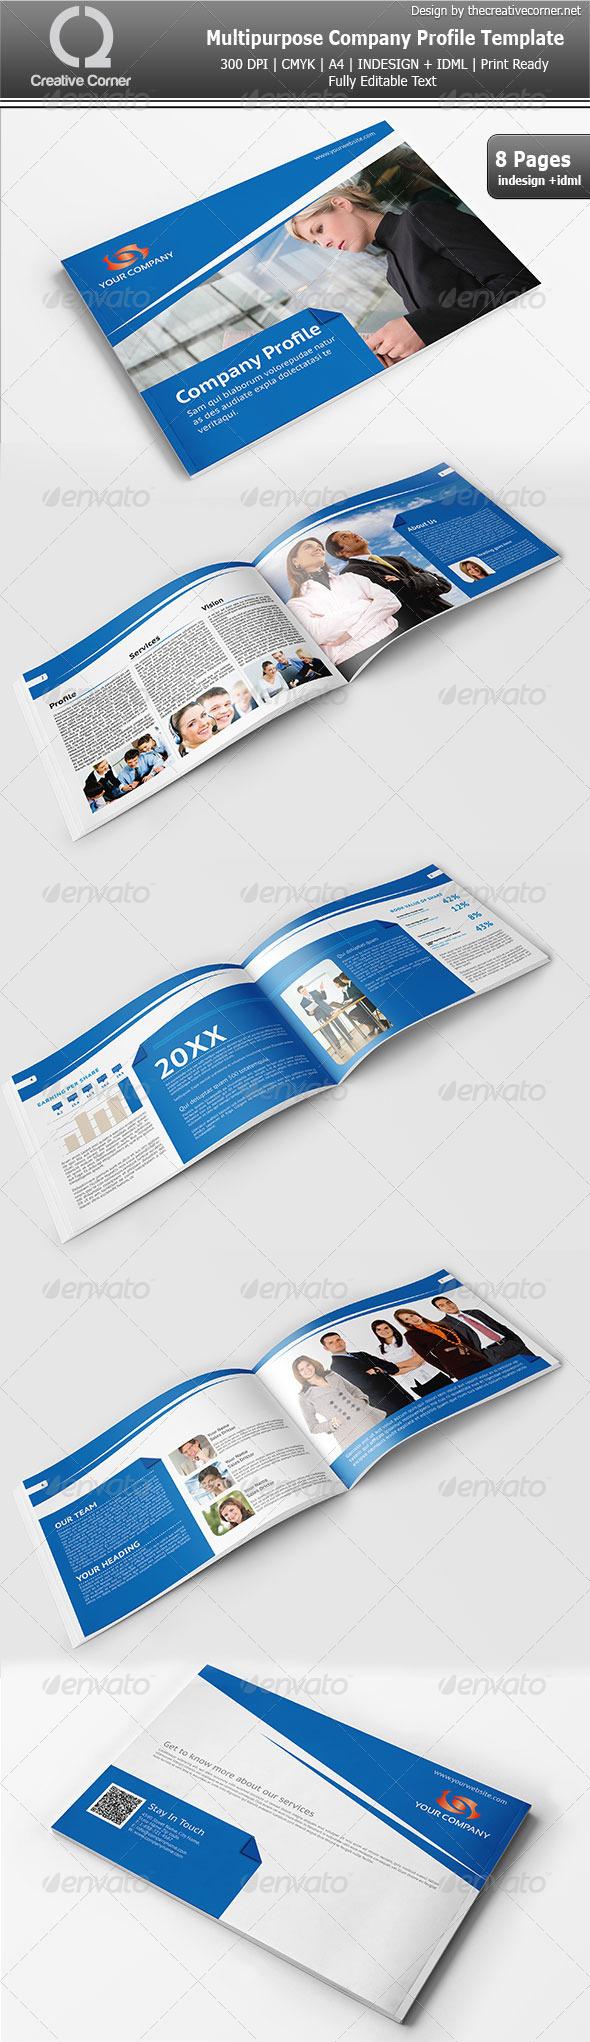 GraphicRiver Multipurpose Company Profile Template 3898684